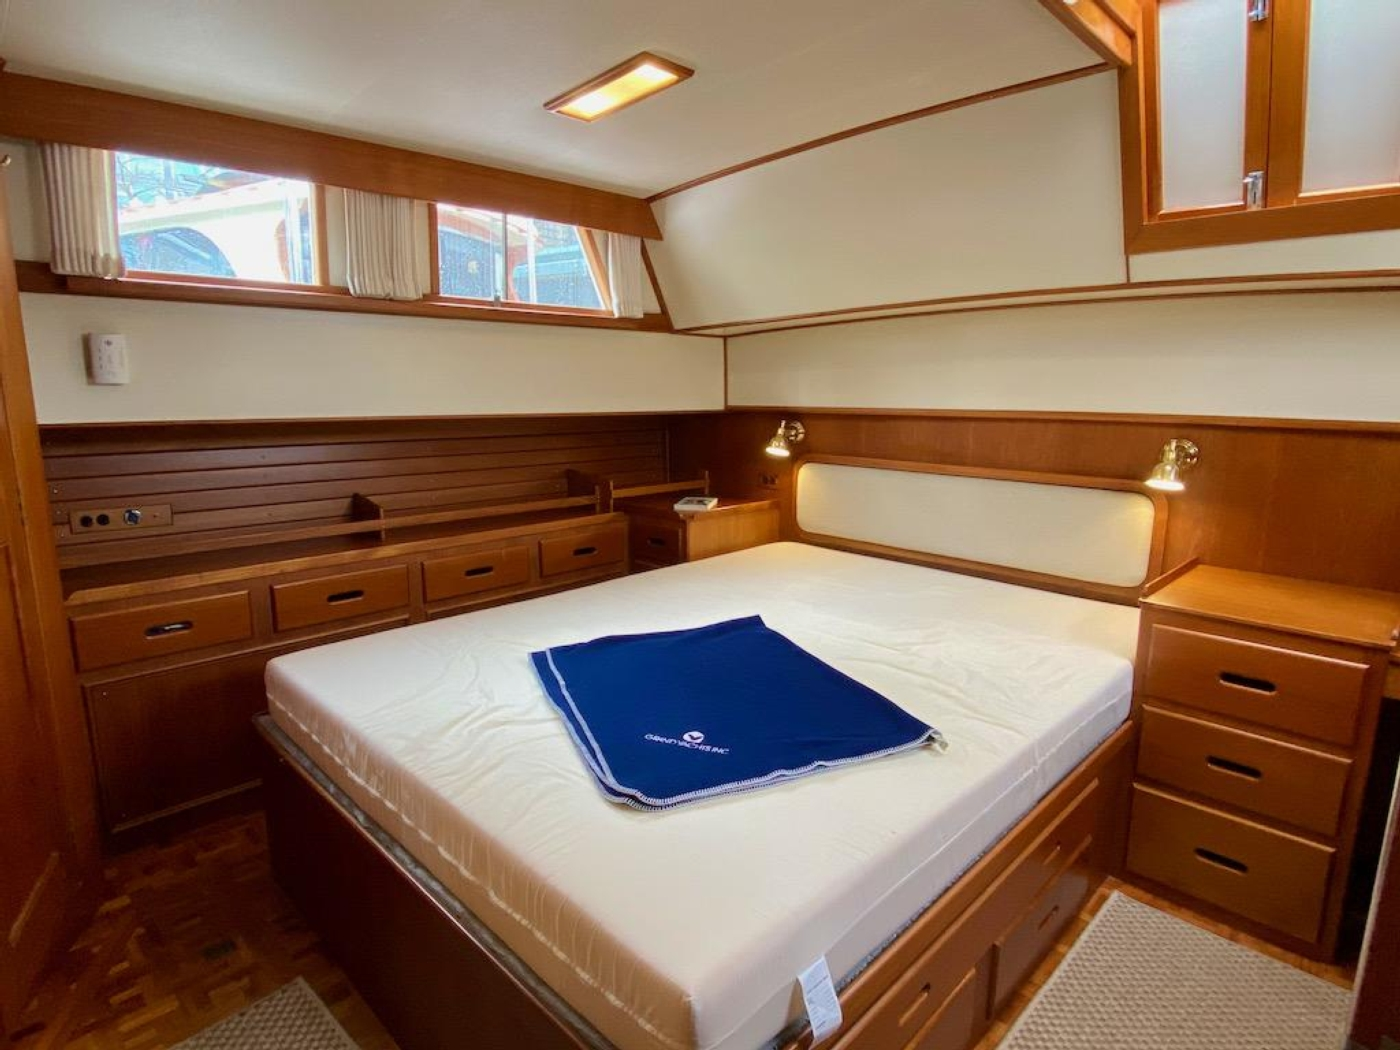 1998 Grand Banks 42 Classic, Aft cabin berth